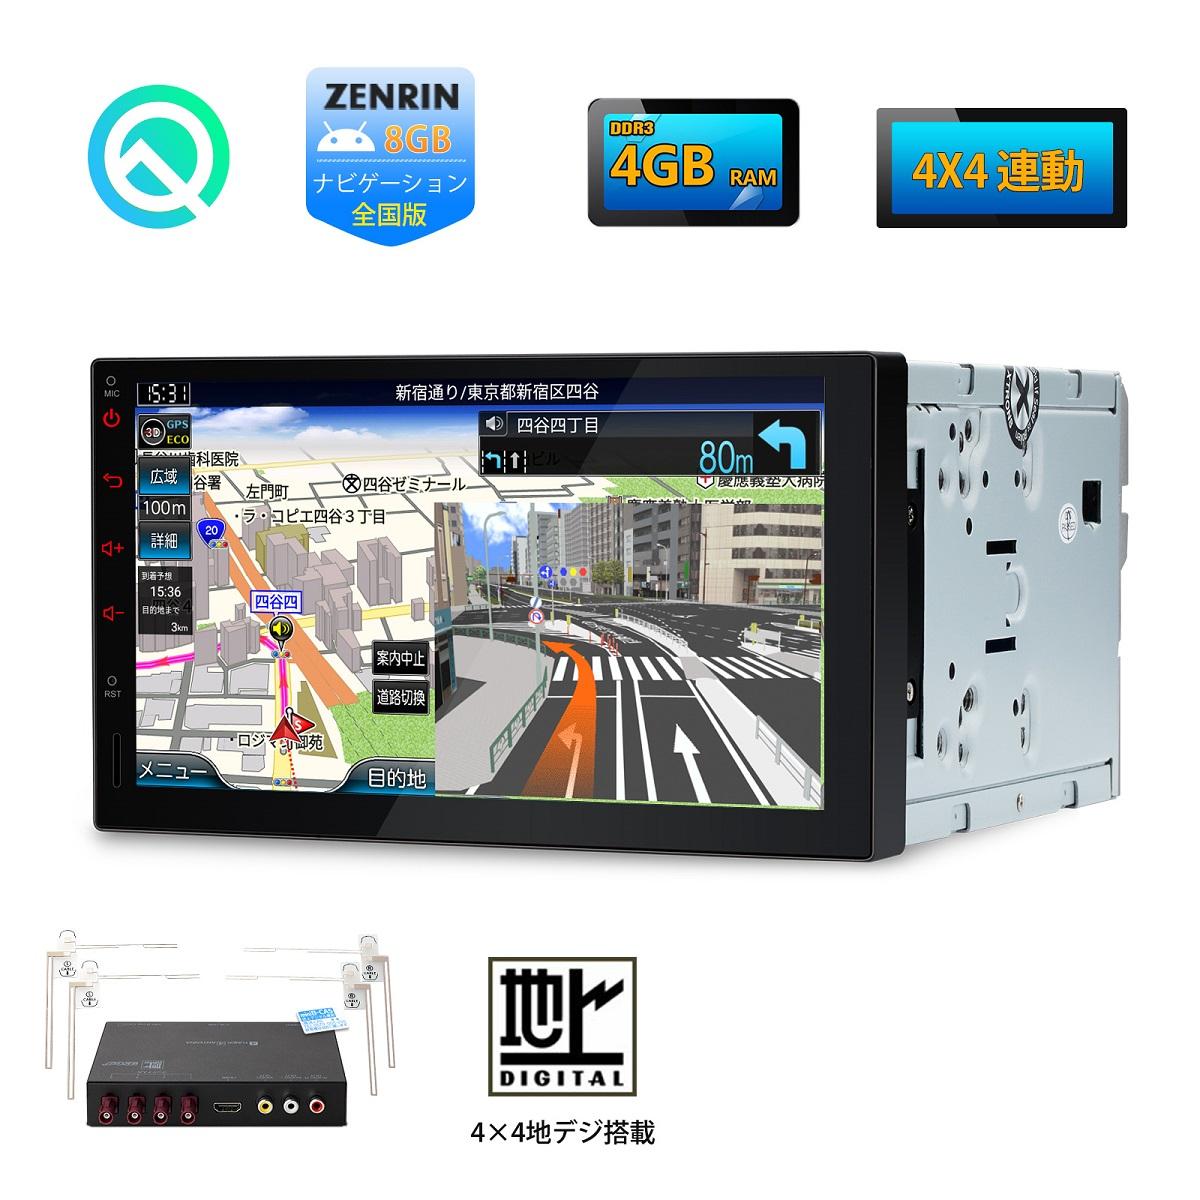 (TB700SIL) XTRONS 7インチ 8コアAndroid10.0 ROM32GB+RAM4GB フルセグ 4x4地デジ搭載 アプリ連動操作可 静電式2DIN一体型車載PC 最新ゼンリン地図付 カーナビ OBD2 4G WIFI ミラーリング TPMS対応